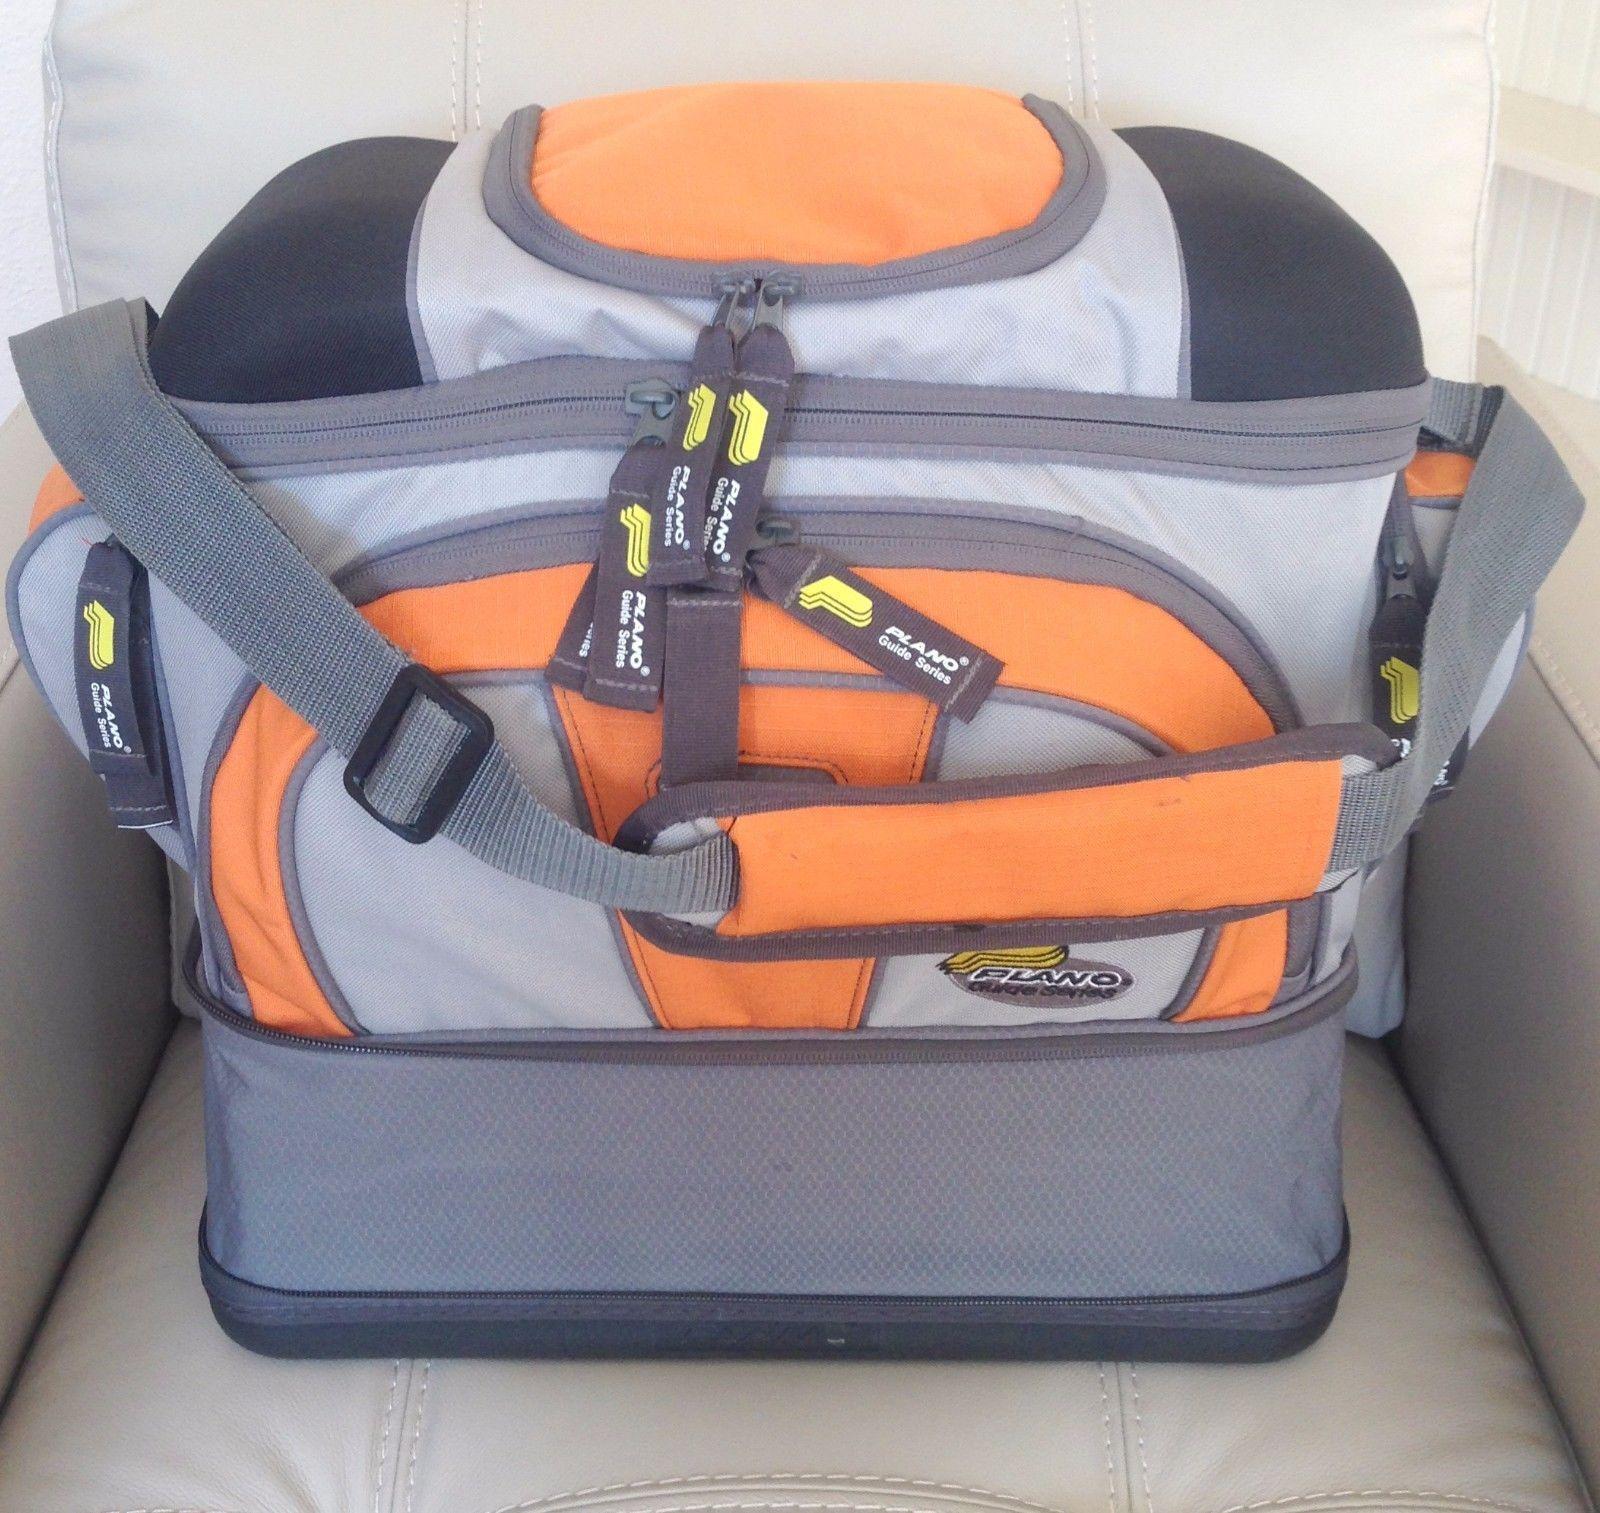 Idea DE REGALO PLANO  Guide Series Bolsa de aparejos de pesca Señuelos con 4-3700 cajas de almacenamiento  garantía de crédito